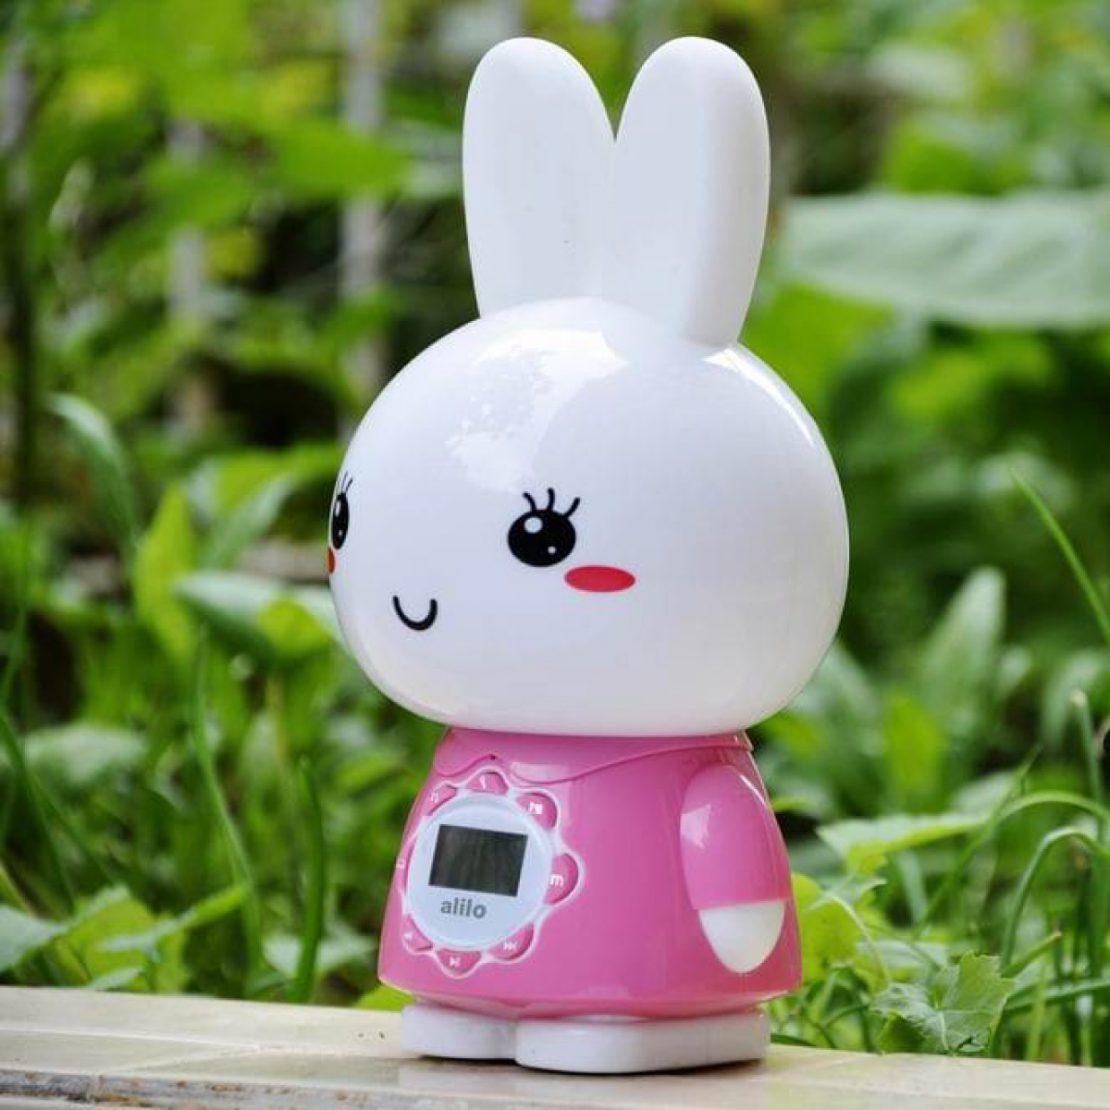 Alilo Big Bunny in Pink